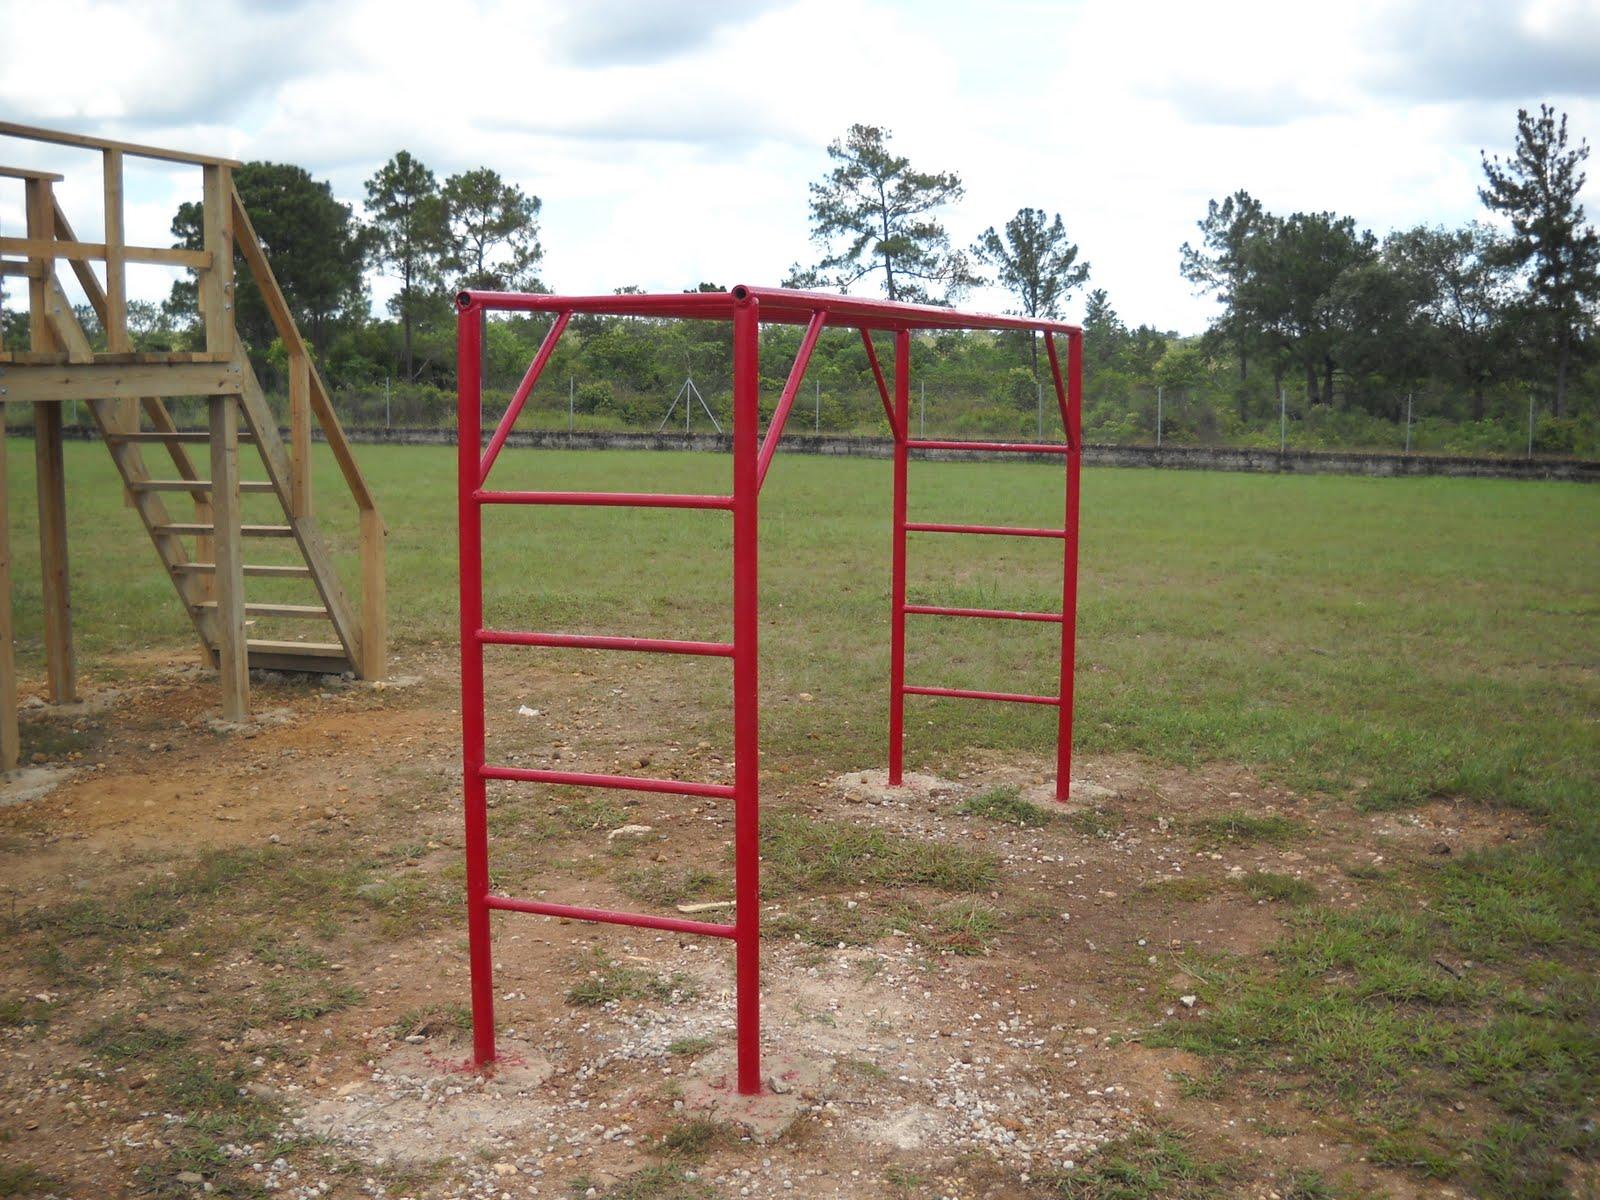 Metal Monkey Bars Swing N Slide Metal Monkey Bars Target Monkey - Build monkey bars ladder